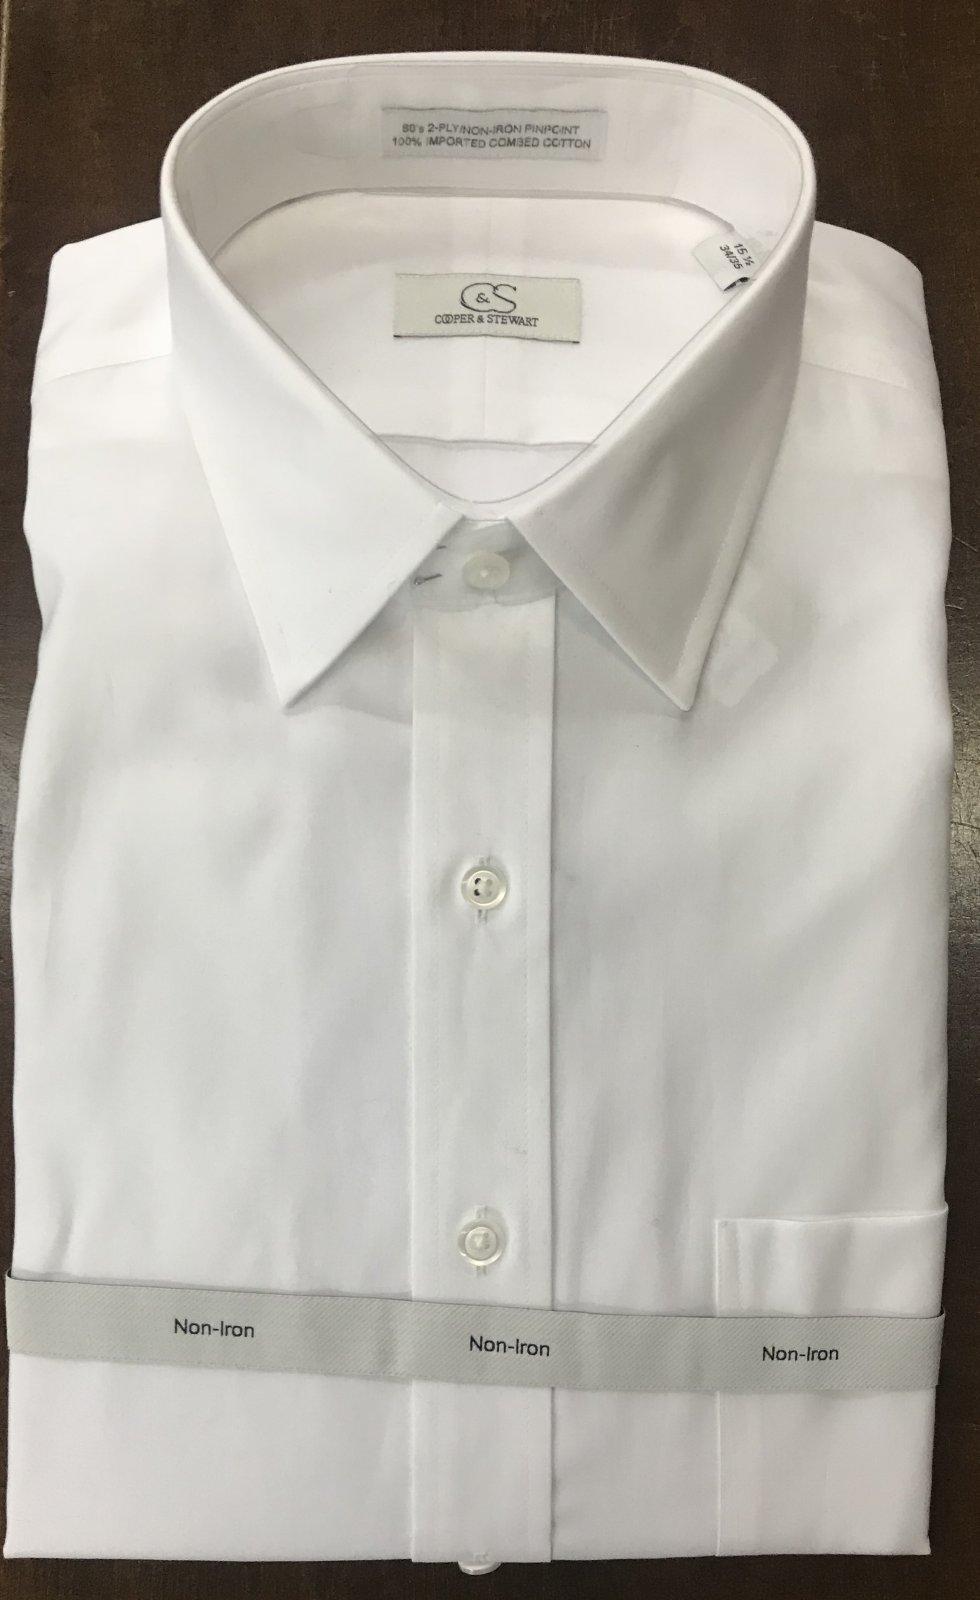 Cooper & Stewart LS Dress Shirt 22-1080